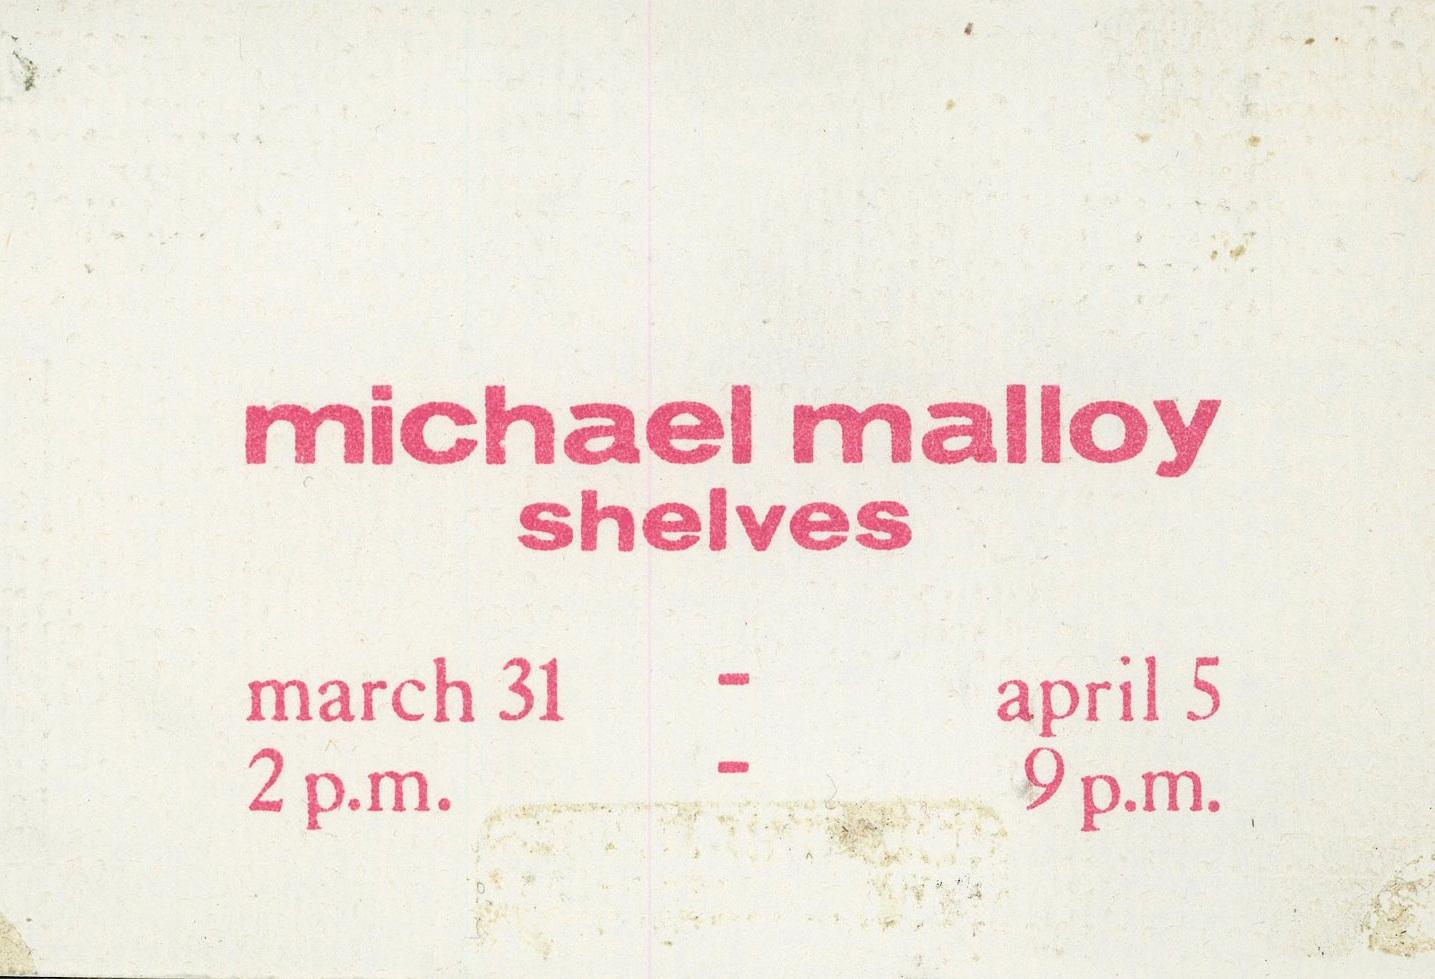 3 Mercer Street, Michael Malloy, Shelves, Folded Card, c. 1974.